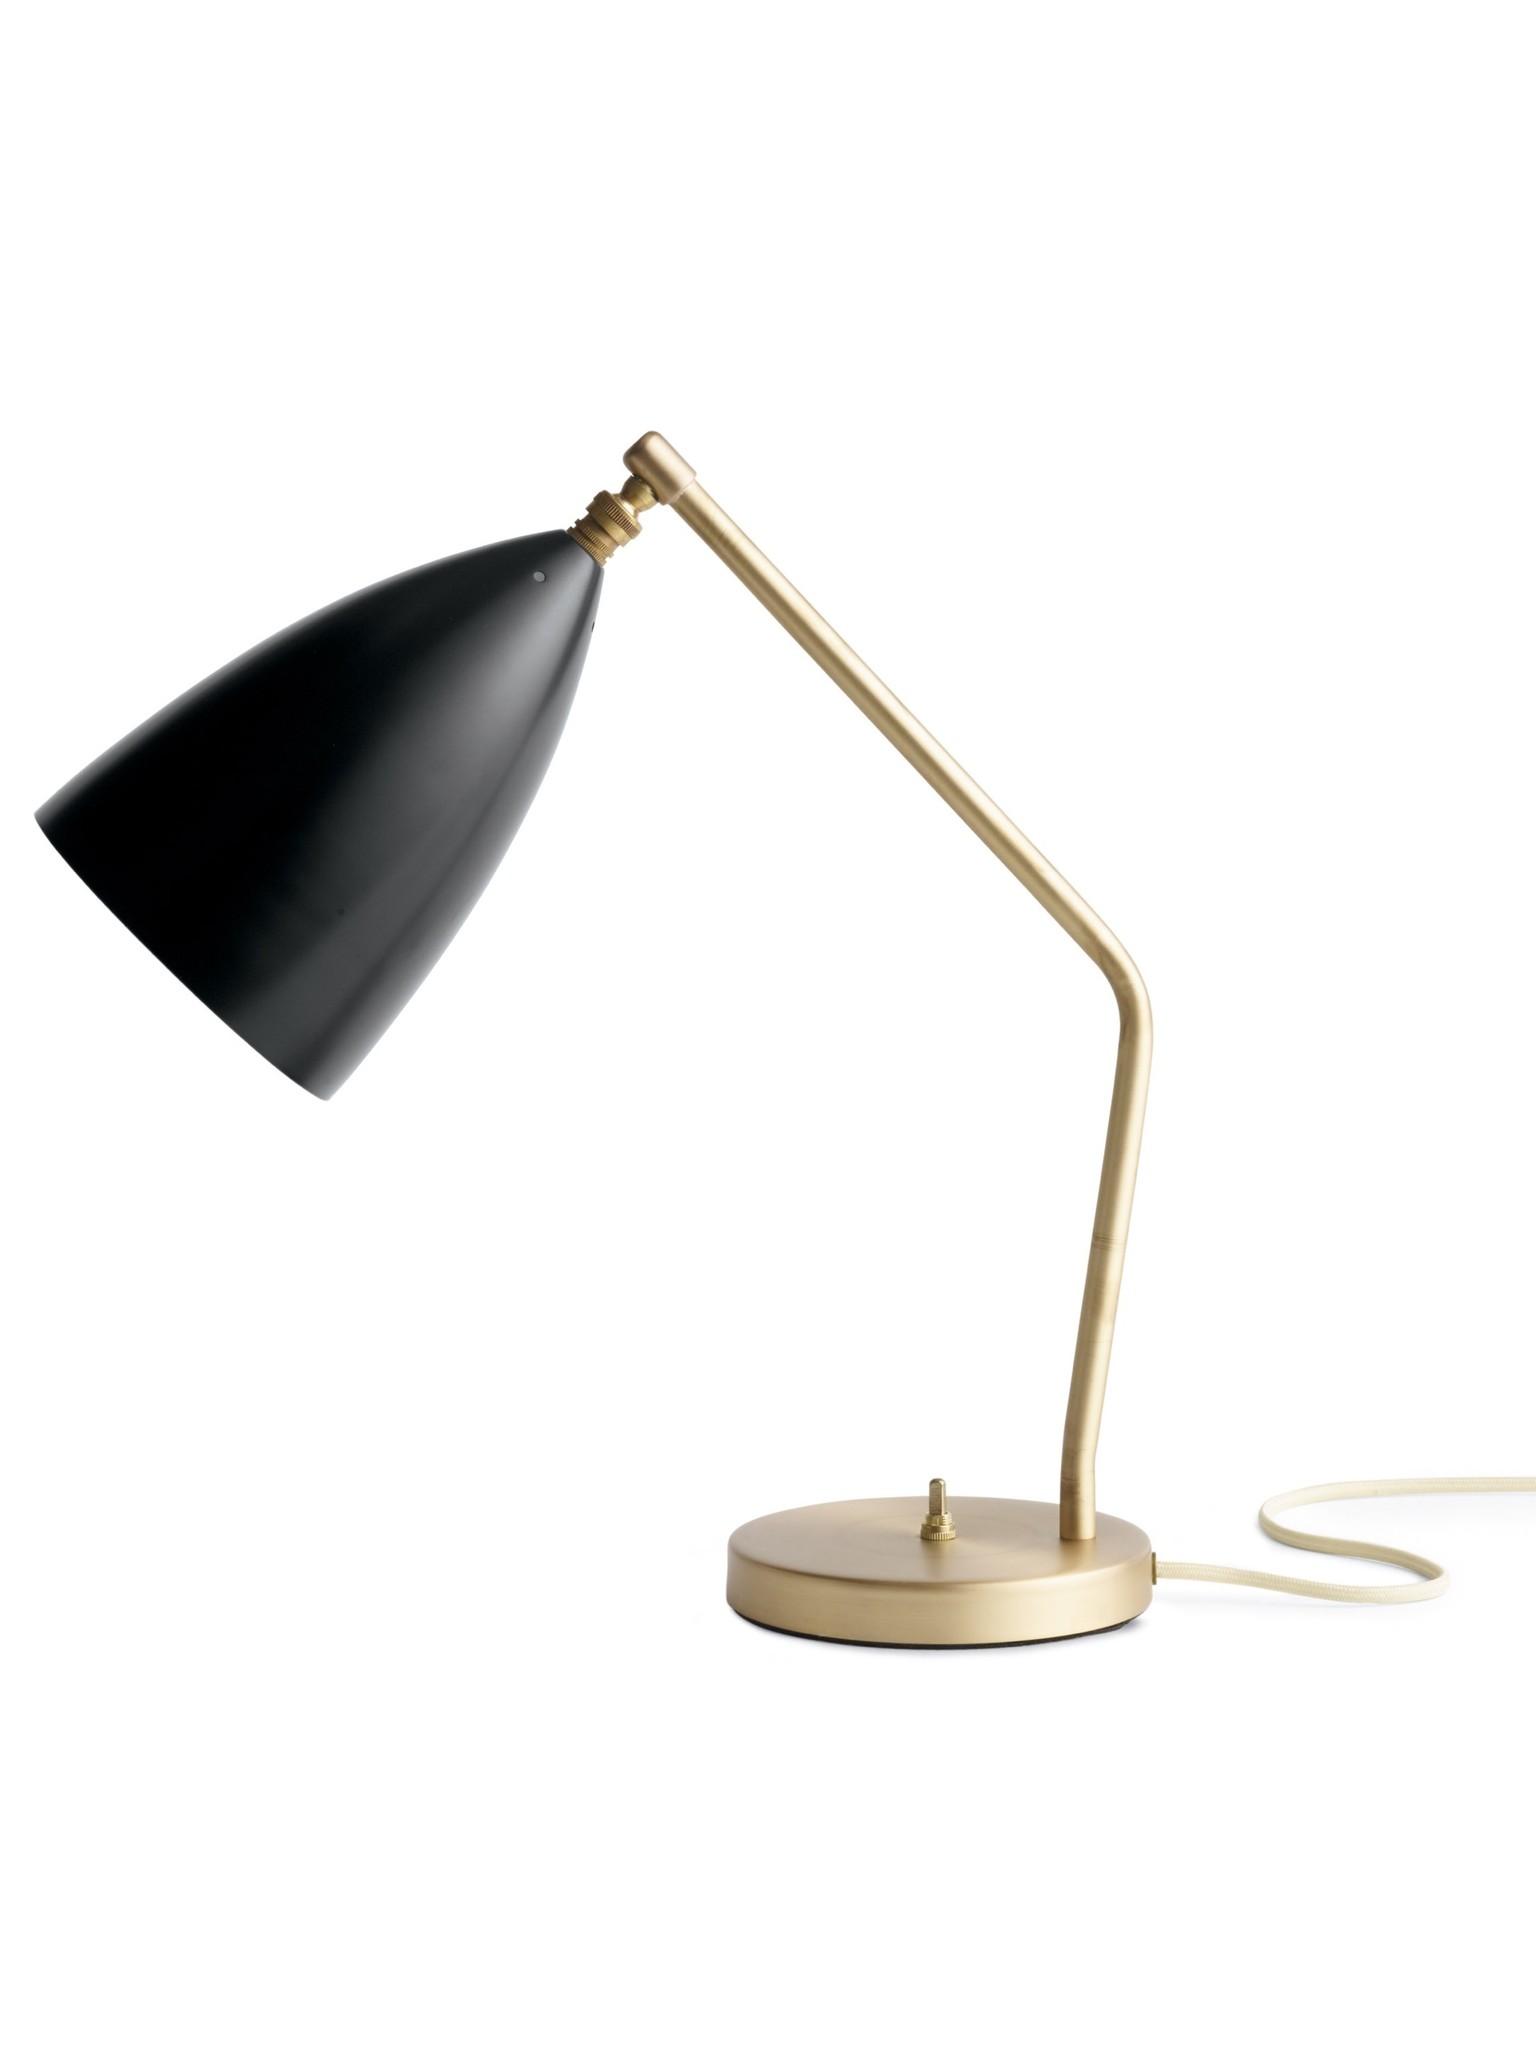 Gubi Grashoppa Table Lamp